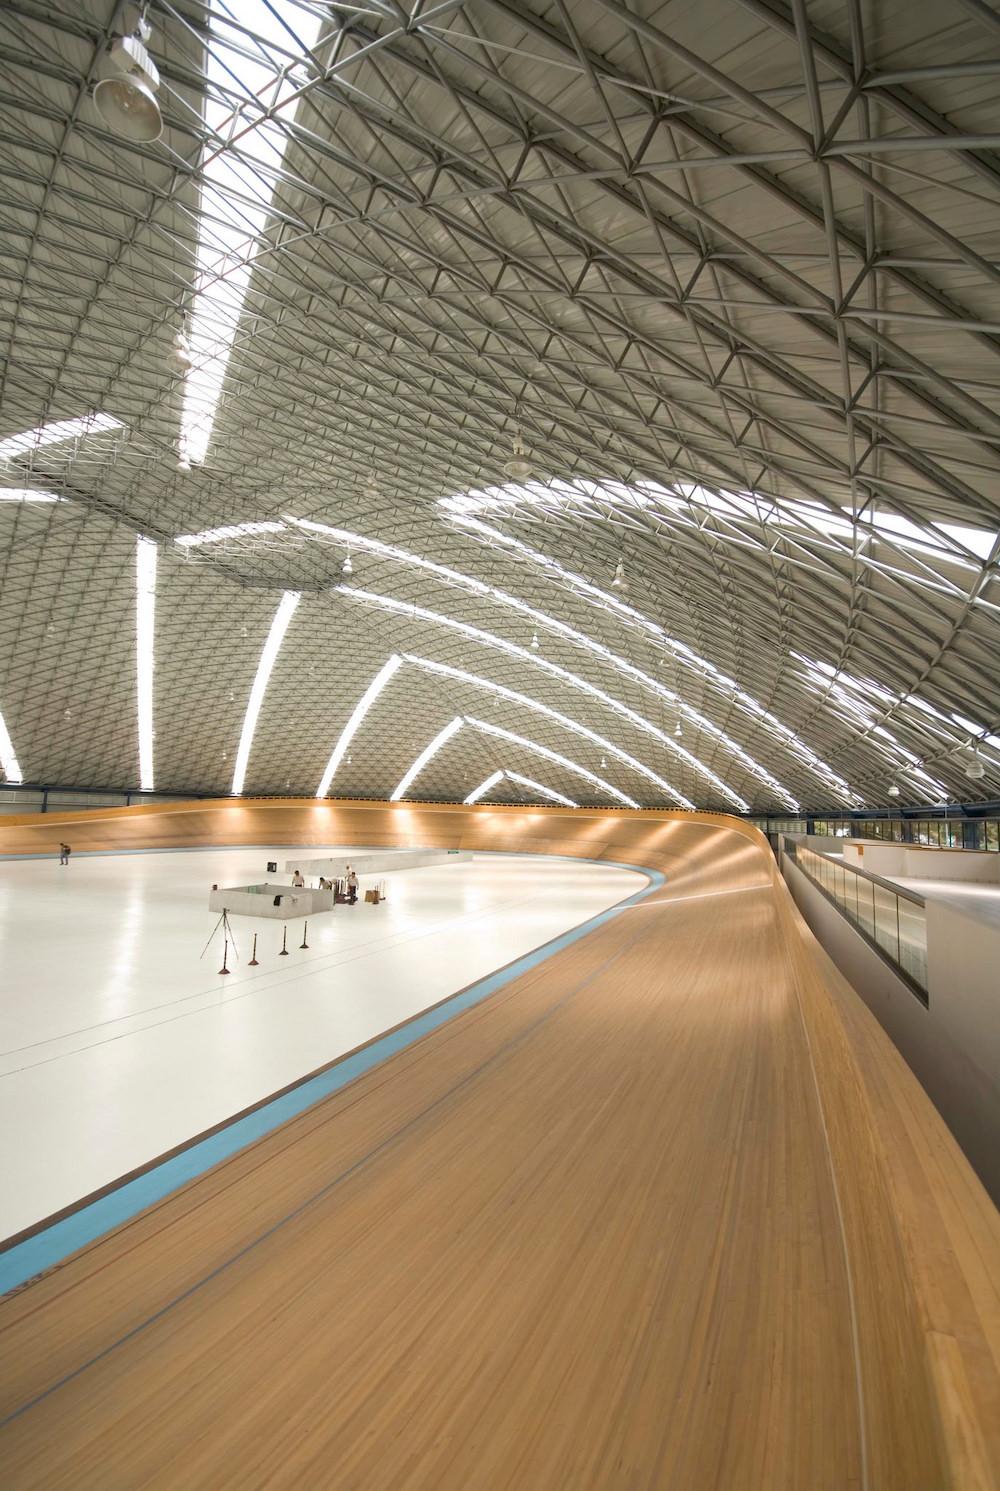 Este velódromo aloja a ciclistas profesionales y conciertos musicales ocasionales